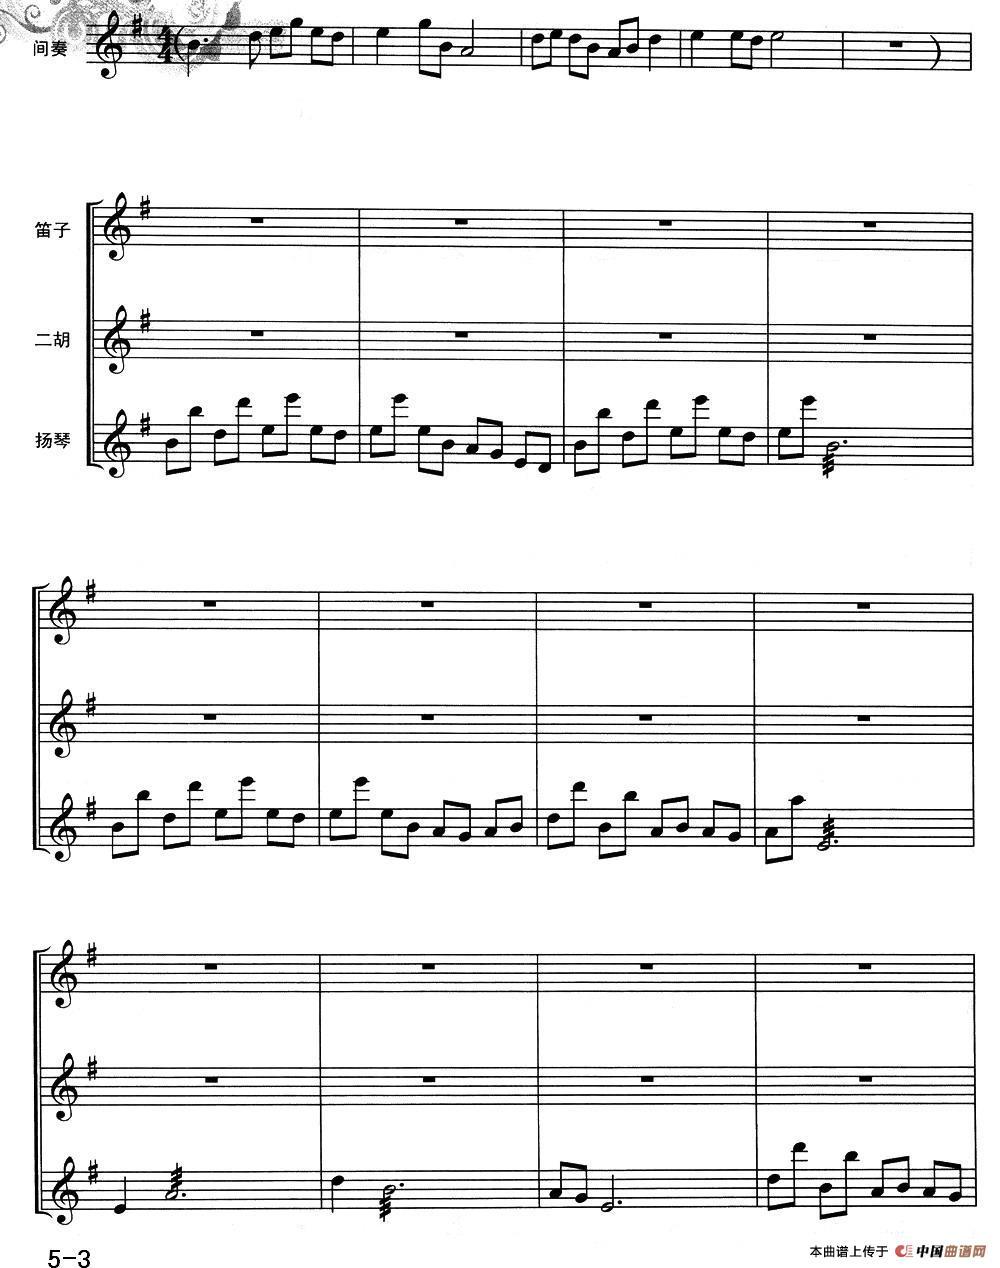 康定情歌笛子谱/洞箫谱(笛子 二胡 扬琴)_器乐乐谱